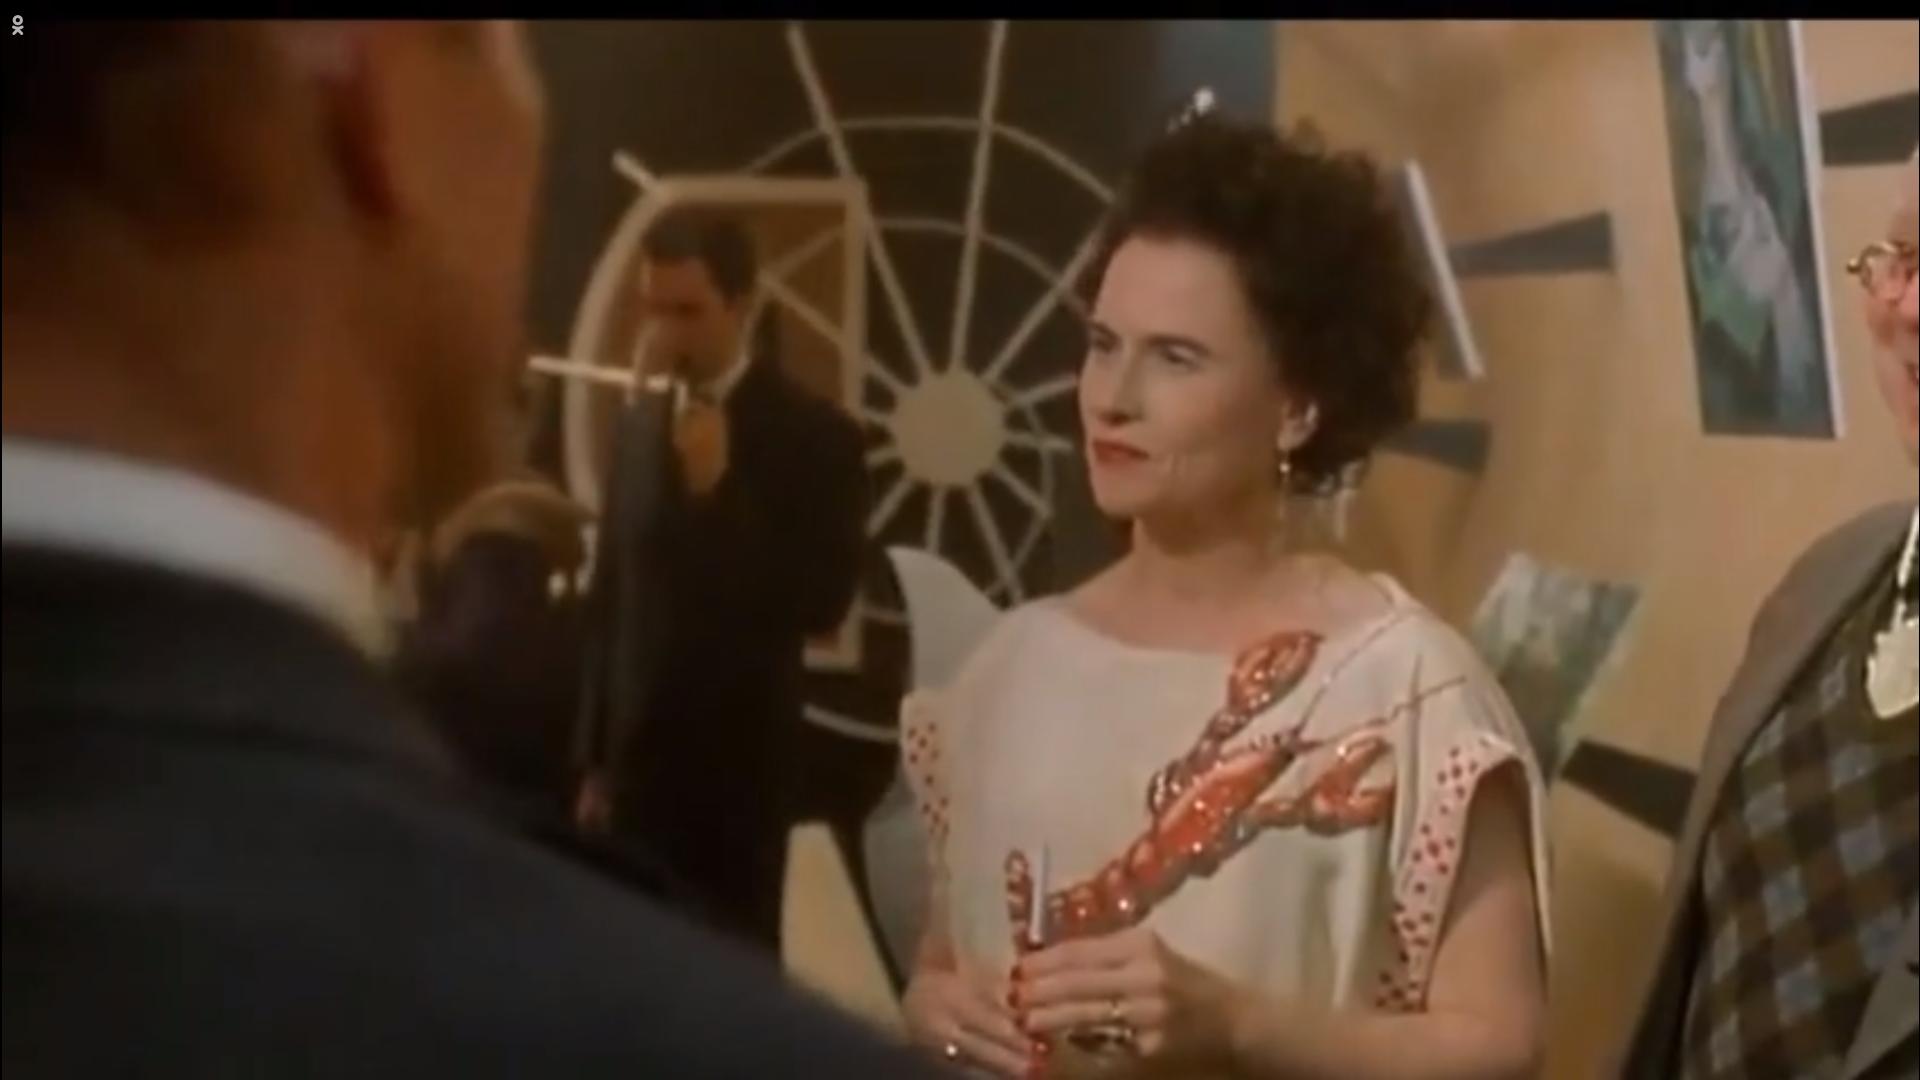 Image for Чей дизайн использован в фильме «Поллок» для платья Пегги Гугенхайм (Эми Мэдиган)?